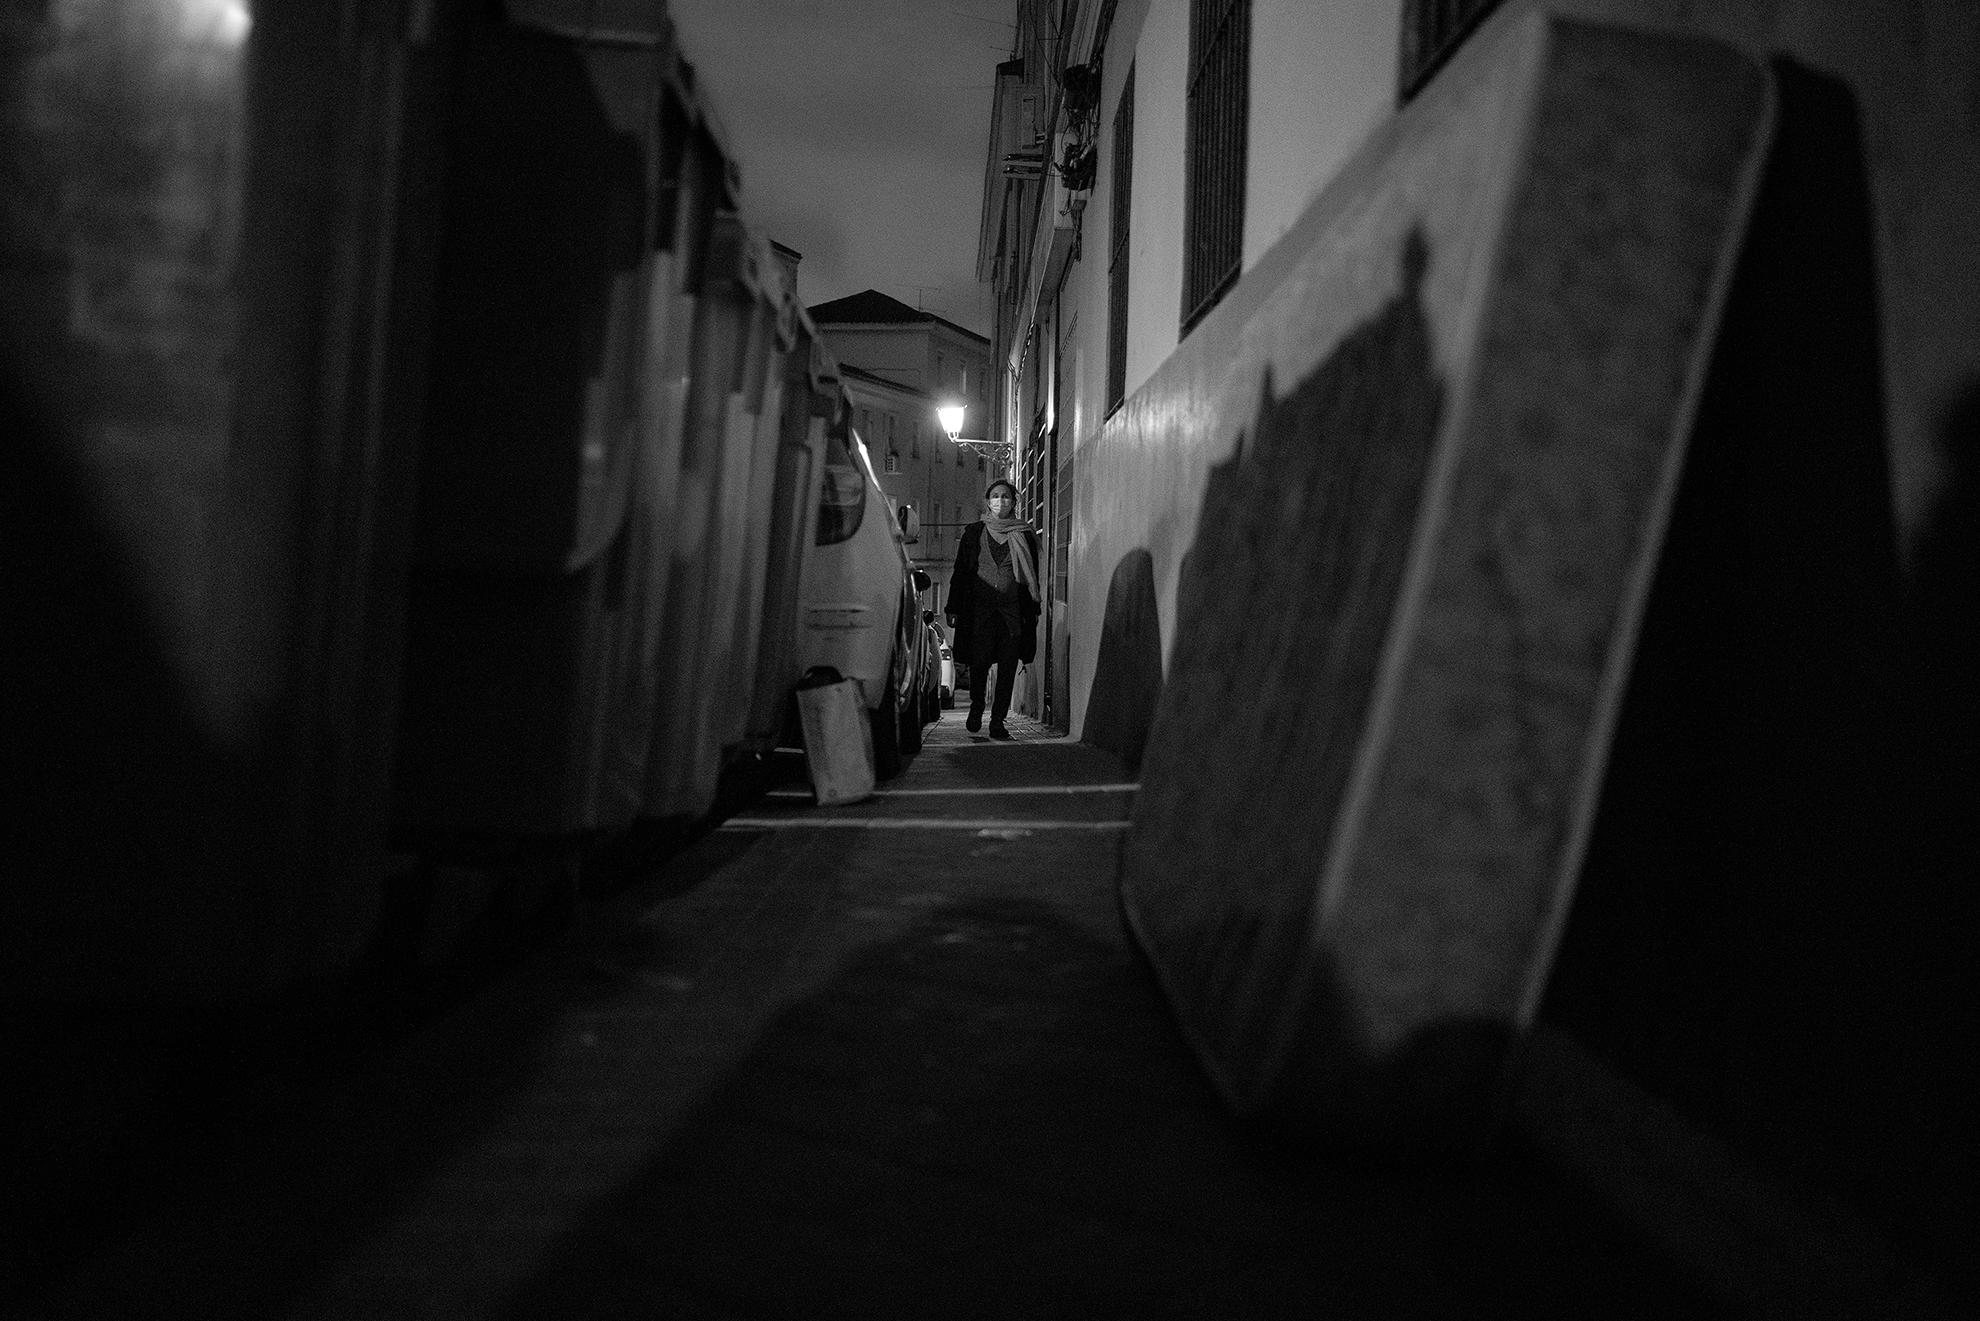 La 'nueva normalidad' arrastra fantasmas del pasado. En mi barrio, por ejemplo, la basura en las calles no desaparece y los coches siguen aparcados invadiendo las aceras, bloqueando incluso el acceso a algunas casas. Al volver del paseo nocturno pienso en este recorrido dentro de unos días, cuando Iria haya nacido y sortear todos estos obstáculos con el carrito sea aún más difícil. Me apena que, como sociedad, sigamos siendo incapaces de cuidar los espacios públicos, ni siquiera en tiempos de coronavirus.